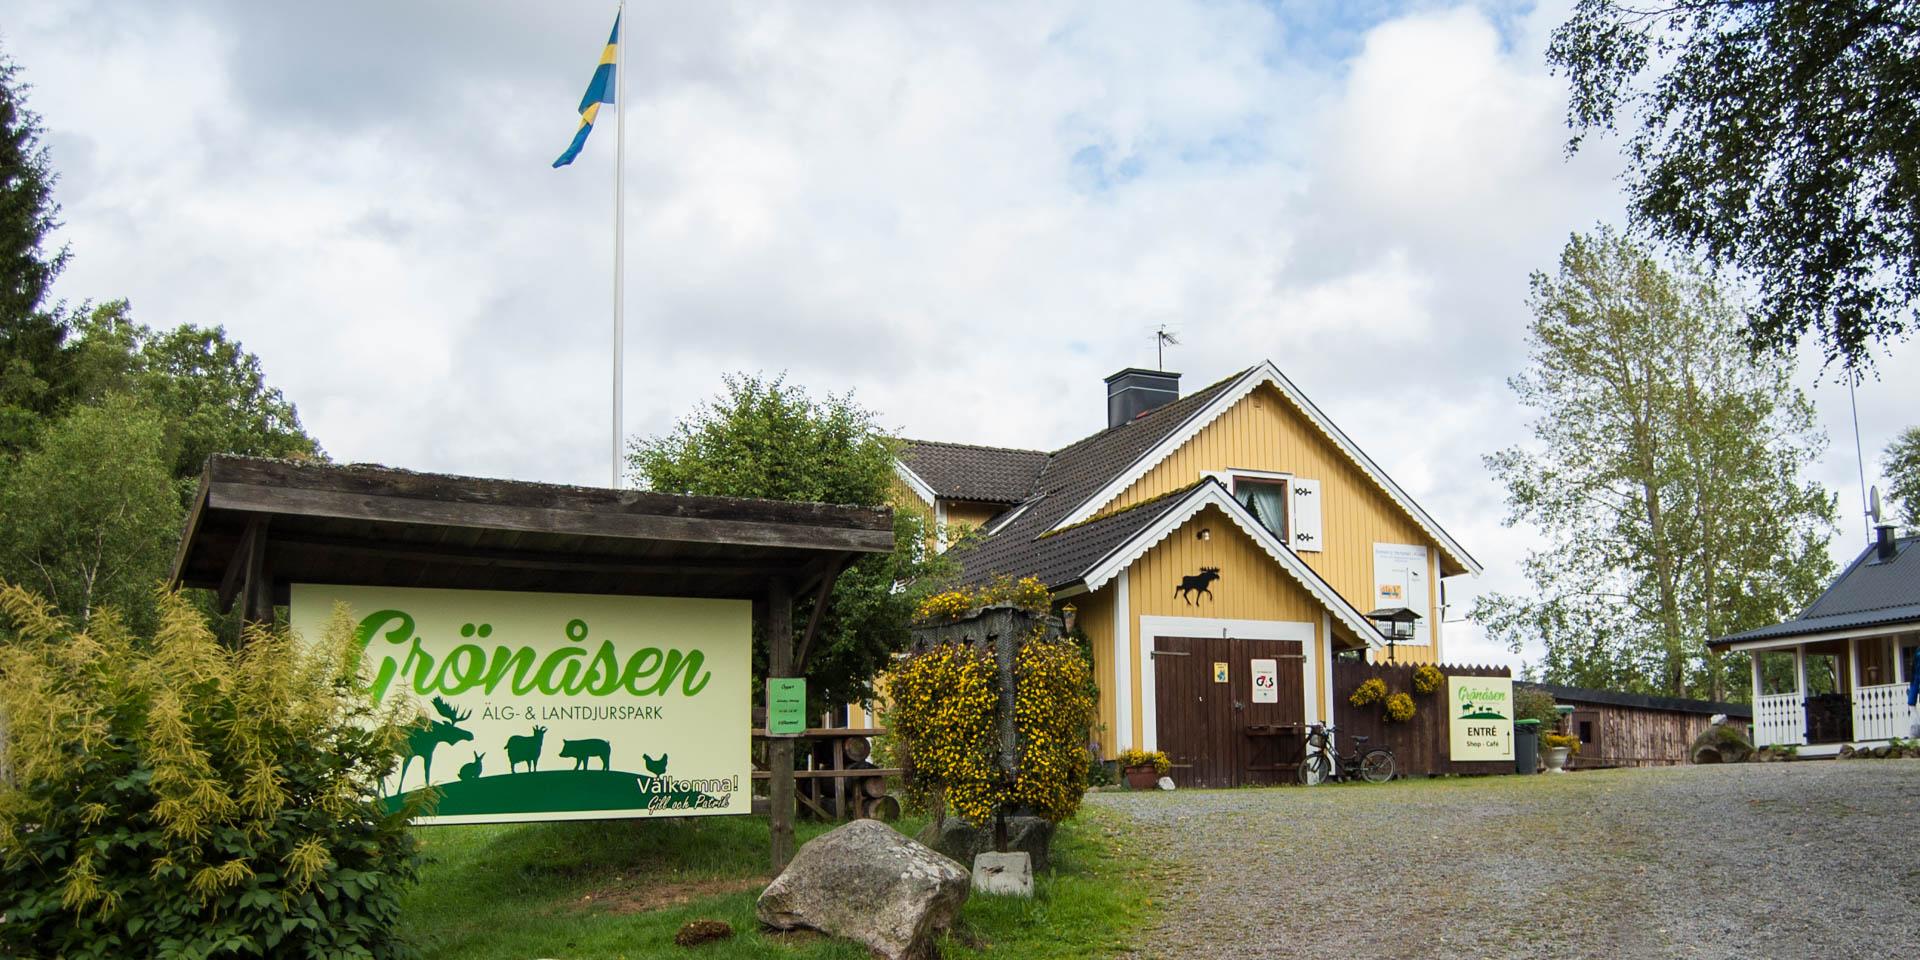 Grönåsen Älg- & Lantdjurspark 2015